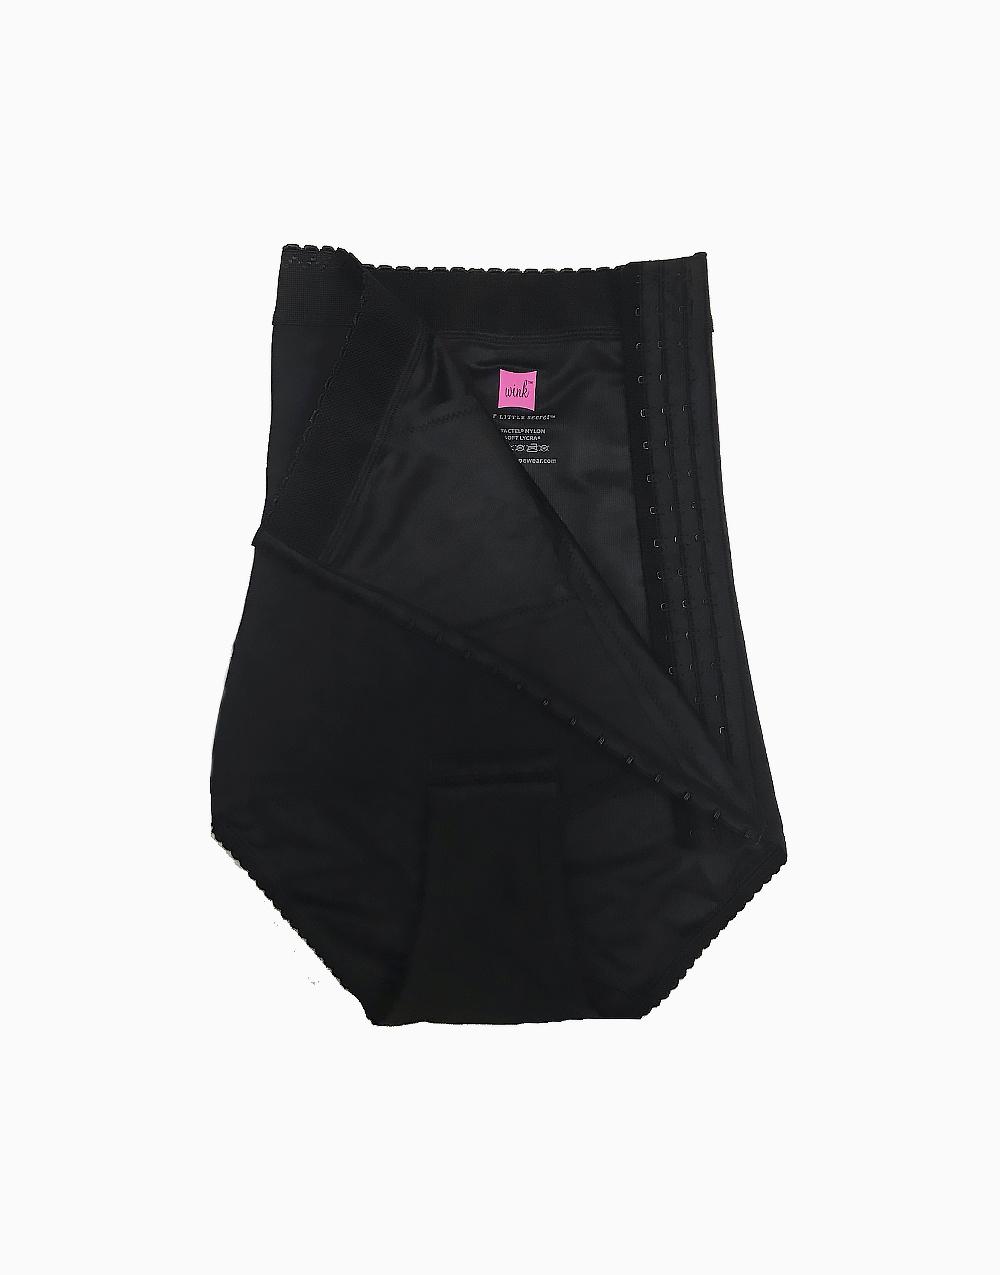 Postpartum Ultra Bikini in Black by Wink Shapewear | XL